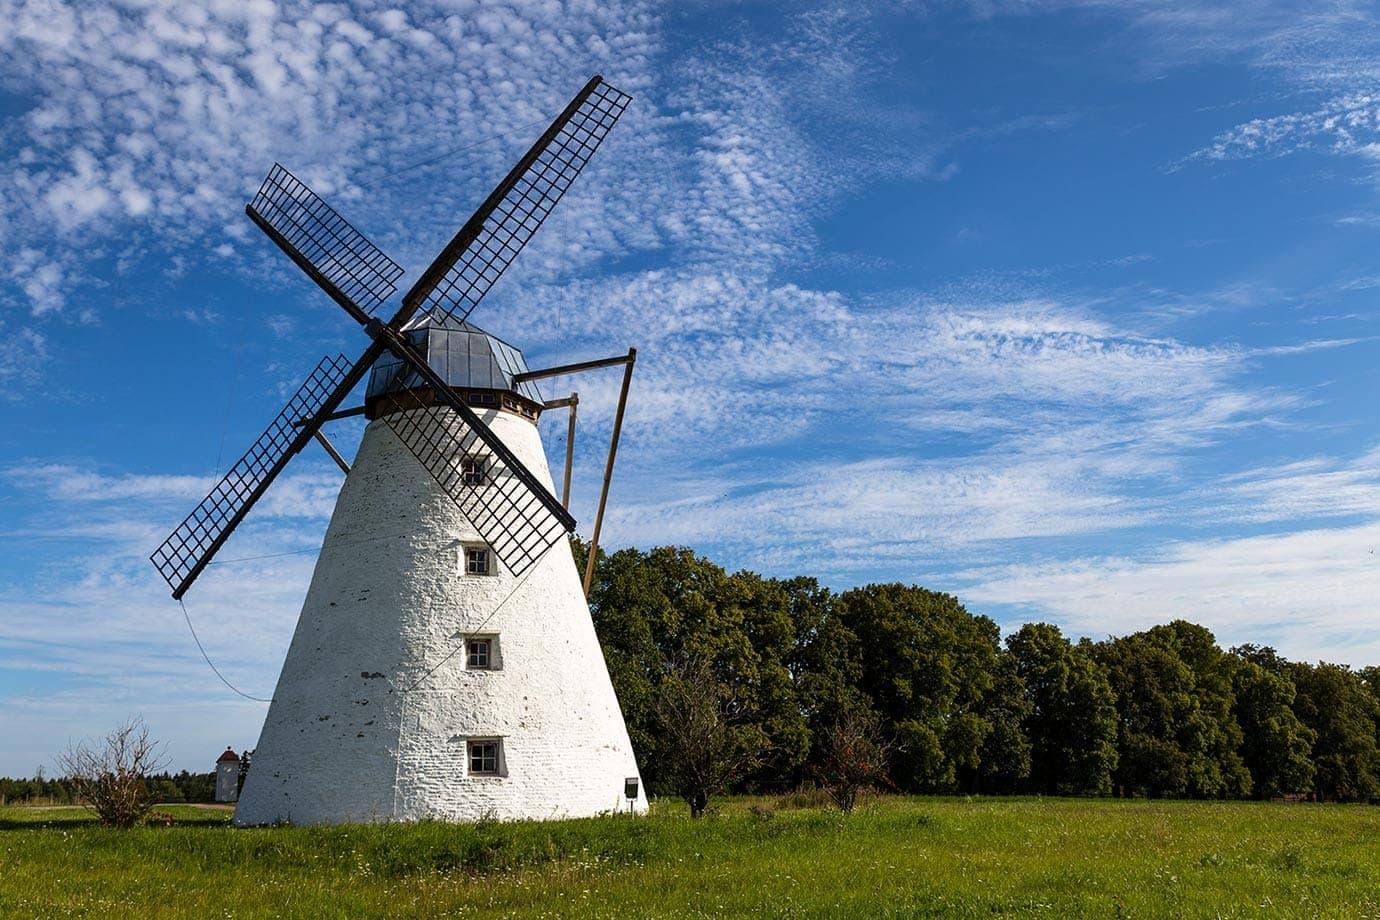 Windmills in Estonia